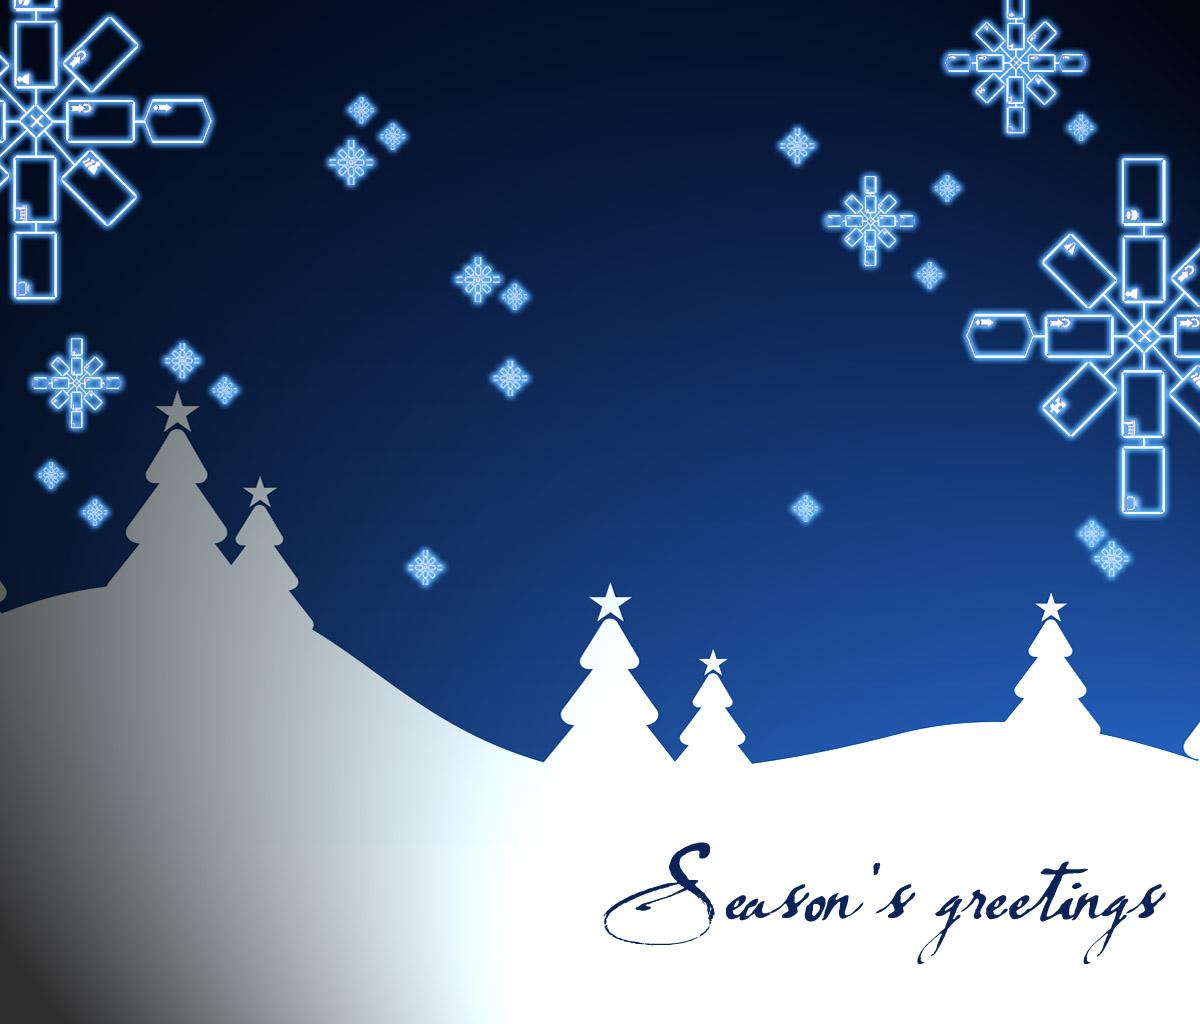 Seasons Greetings Wallpaper